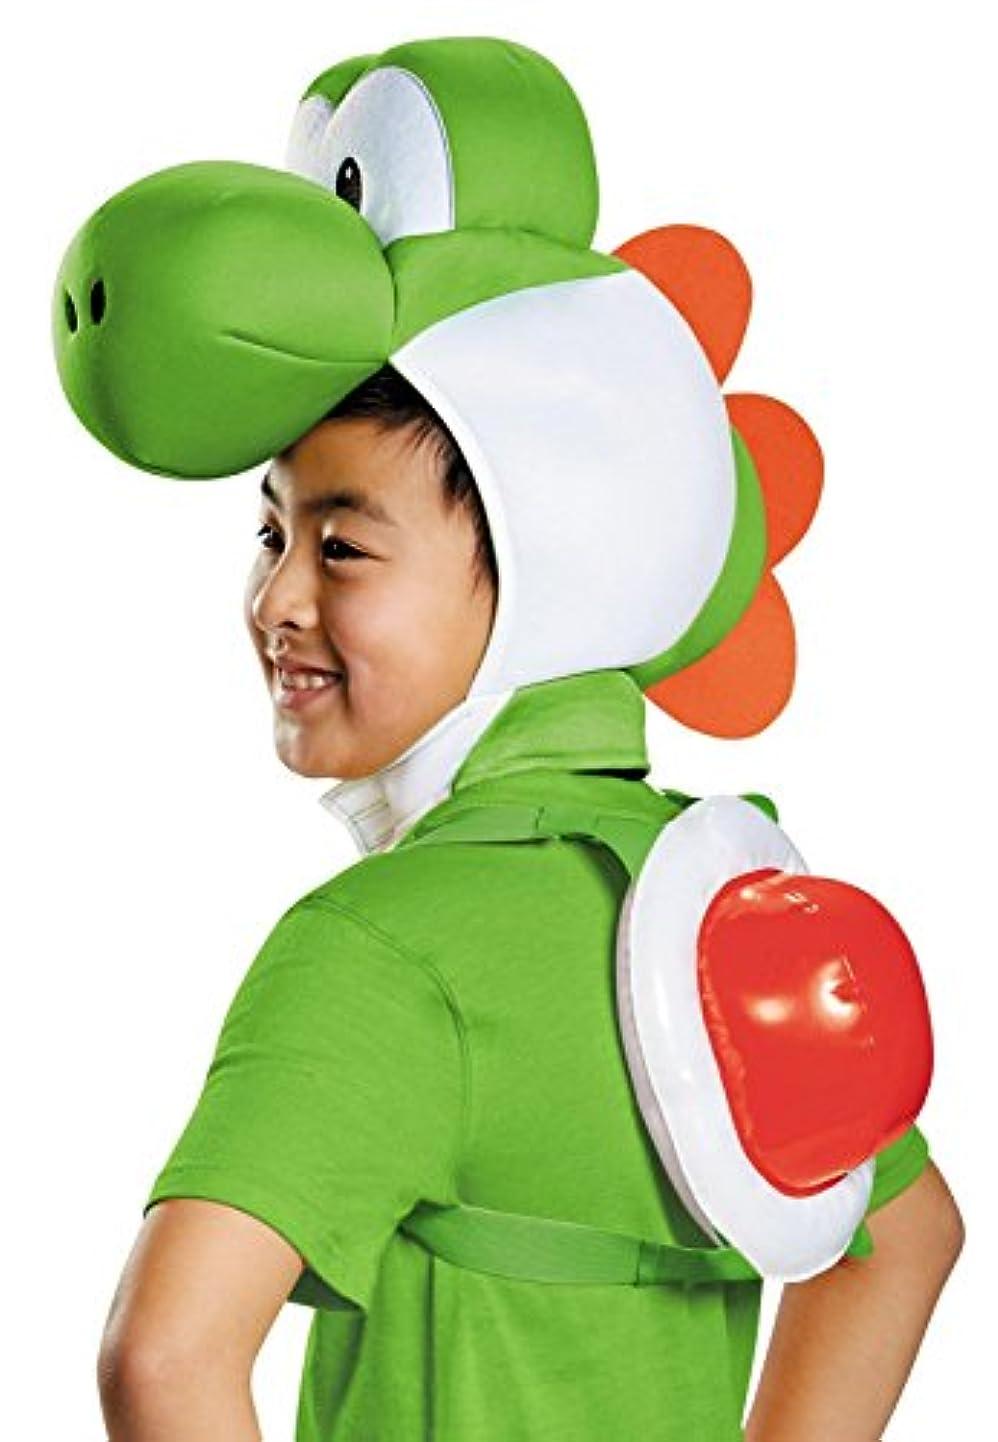 小道高い責任スーパーマリオ ヨッシー 子供用 2点セット Super Mario Bros: Yoshi Child Kit [並行輸入品]